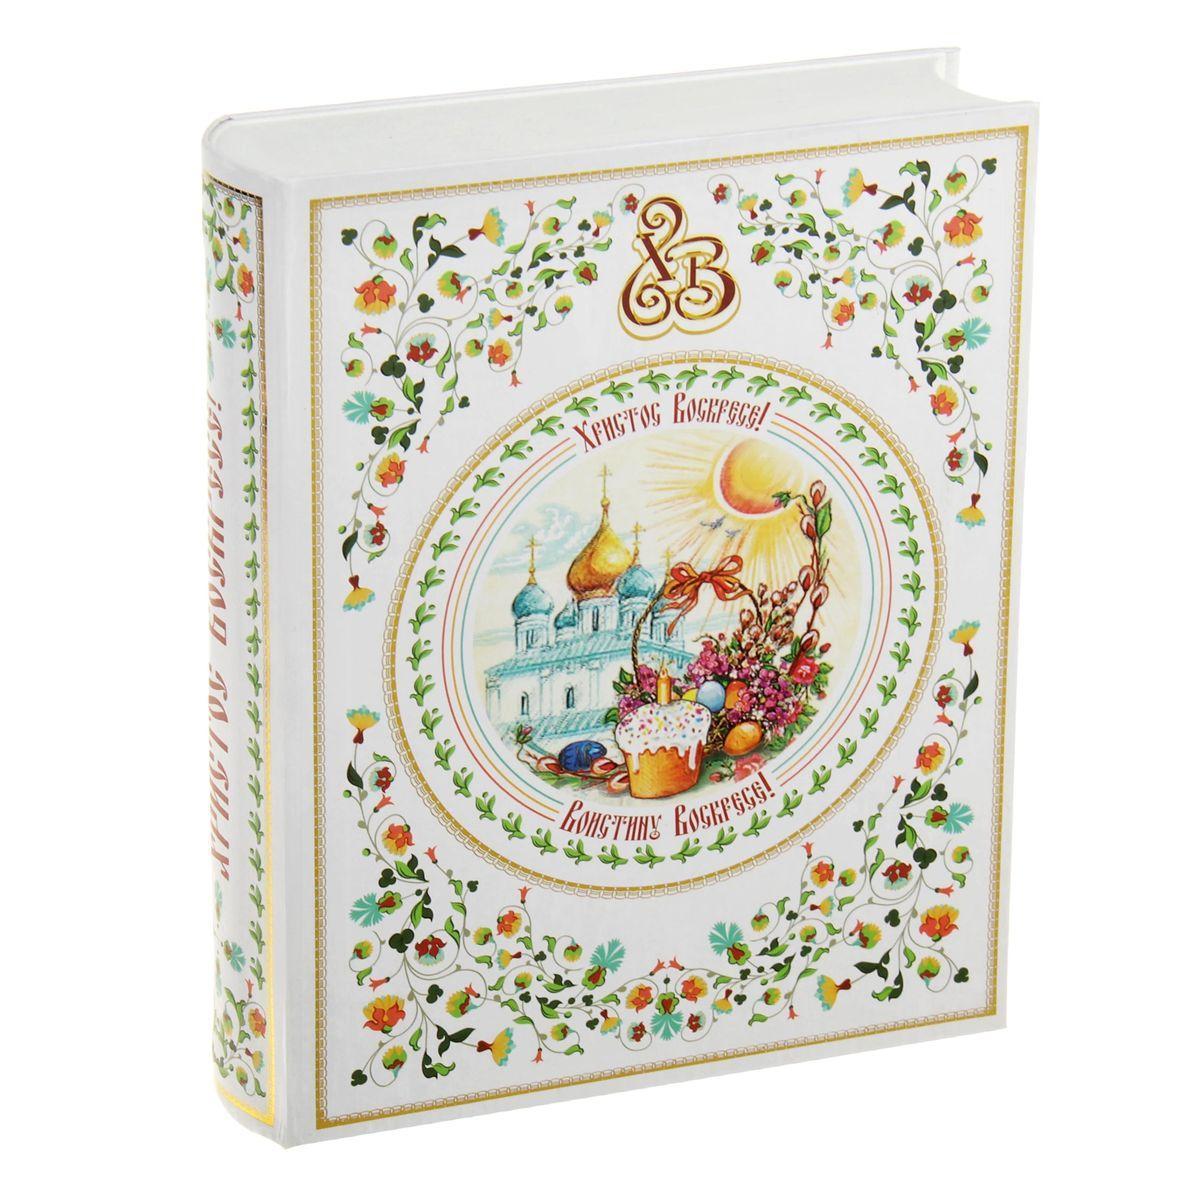 Книга-шкатулка Пасха цветочная, 22 х 16,5 х 4,5 см 877625877625Эта книга-шкатулка выполнена в виде издания всем известного Пасха цветочная. Она имеет углубление для хранения купюр, в котором удобно разместится даже увесистая пачка денег. Обложка книги-шкатулки изготовлена из прочного картона и покрыта глянцевой бумагой.Такая книга-шкатулка станет замечательным подарком-сюрпризом и послужит накоплению личного капитала. Материал: Пластик